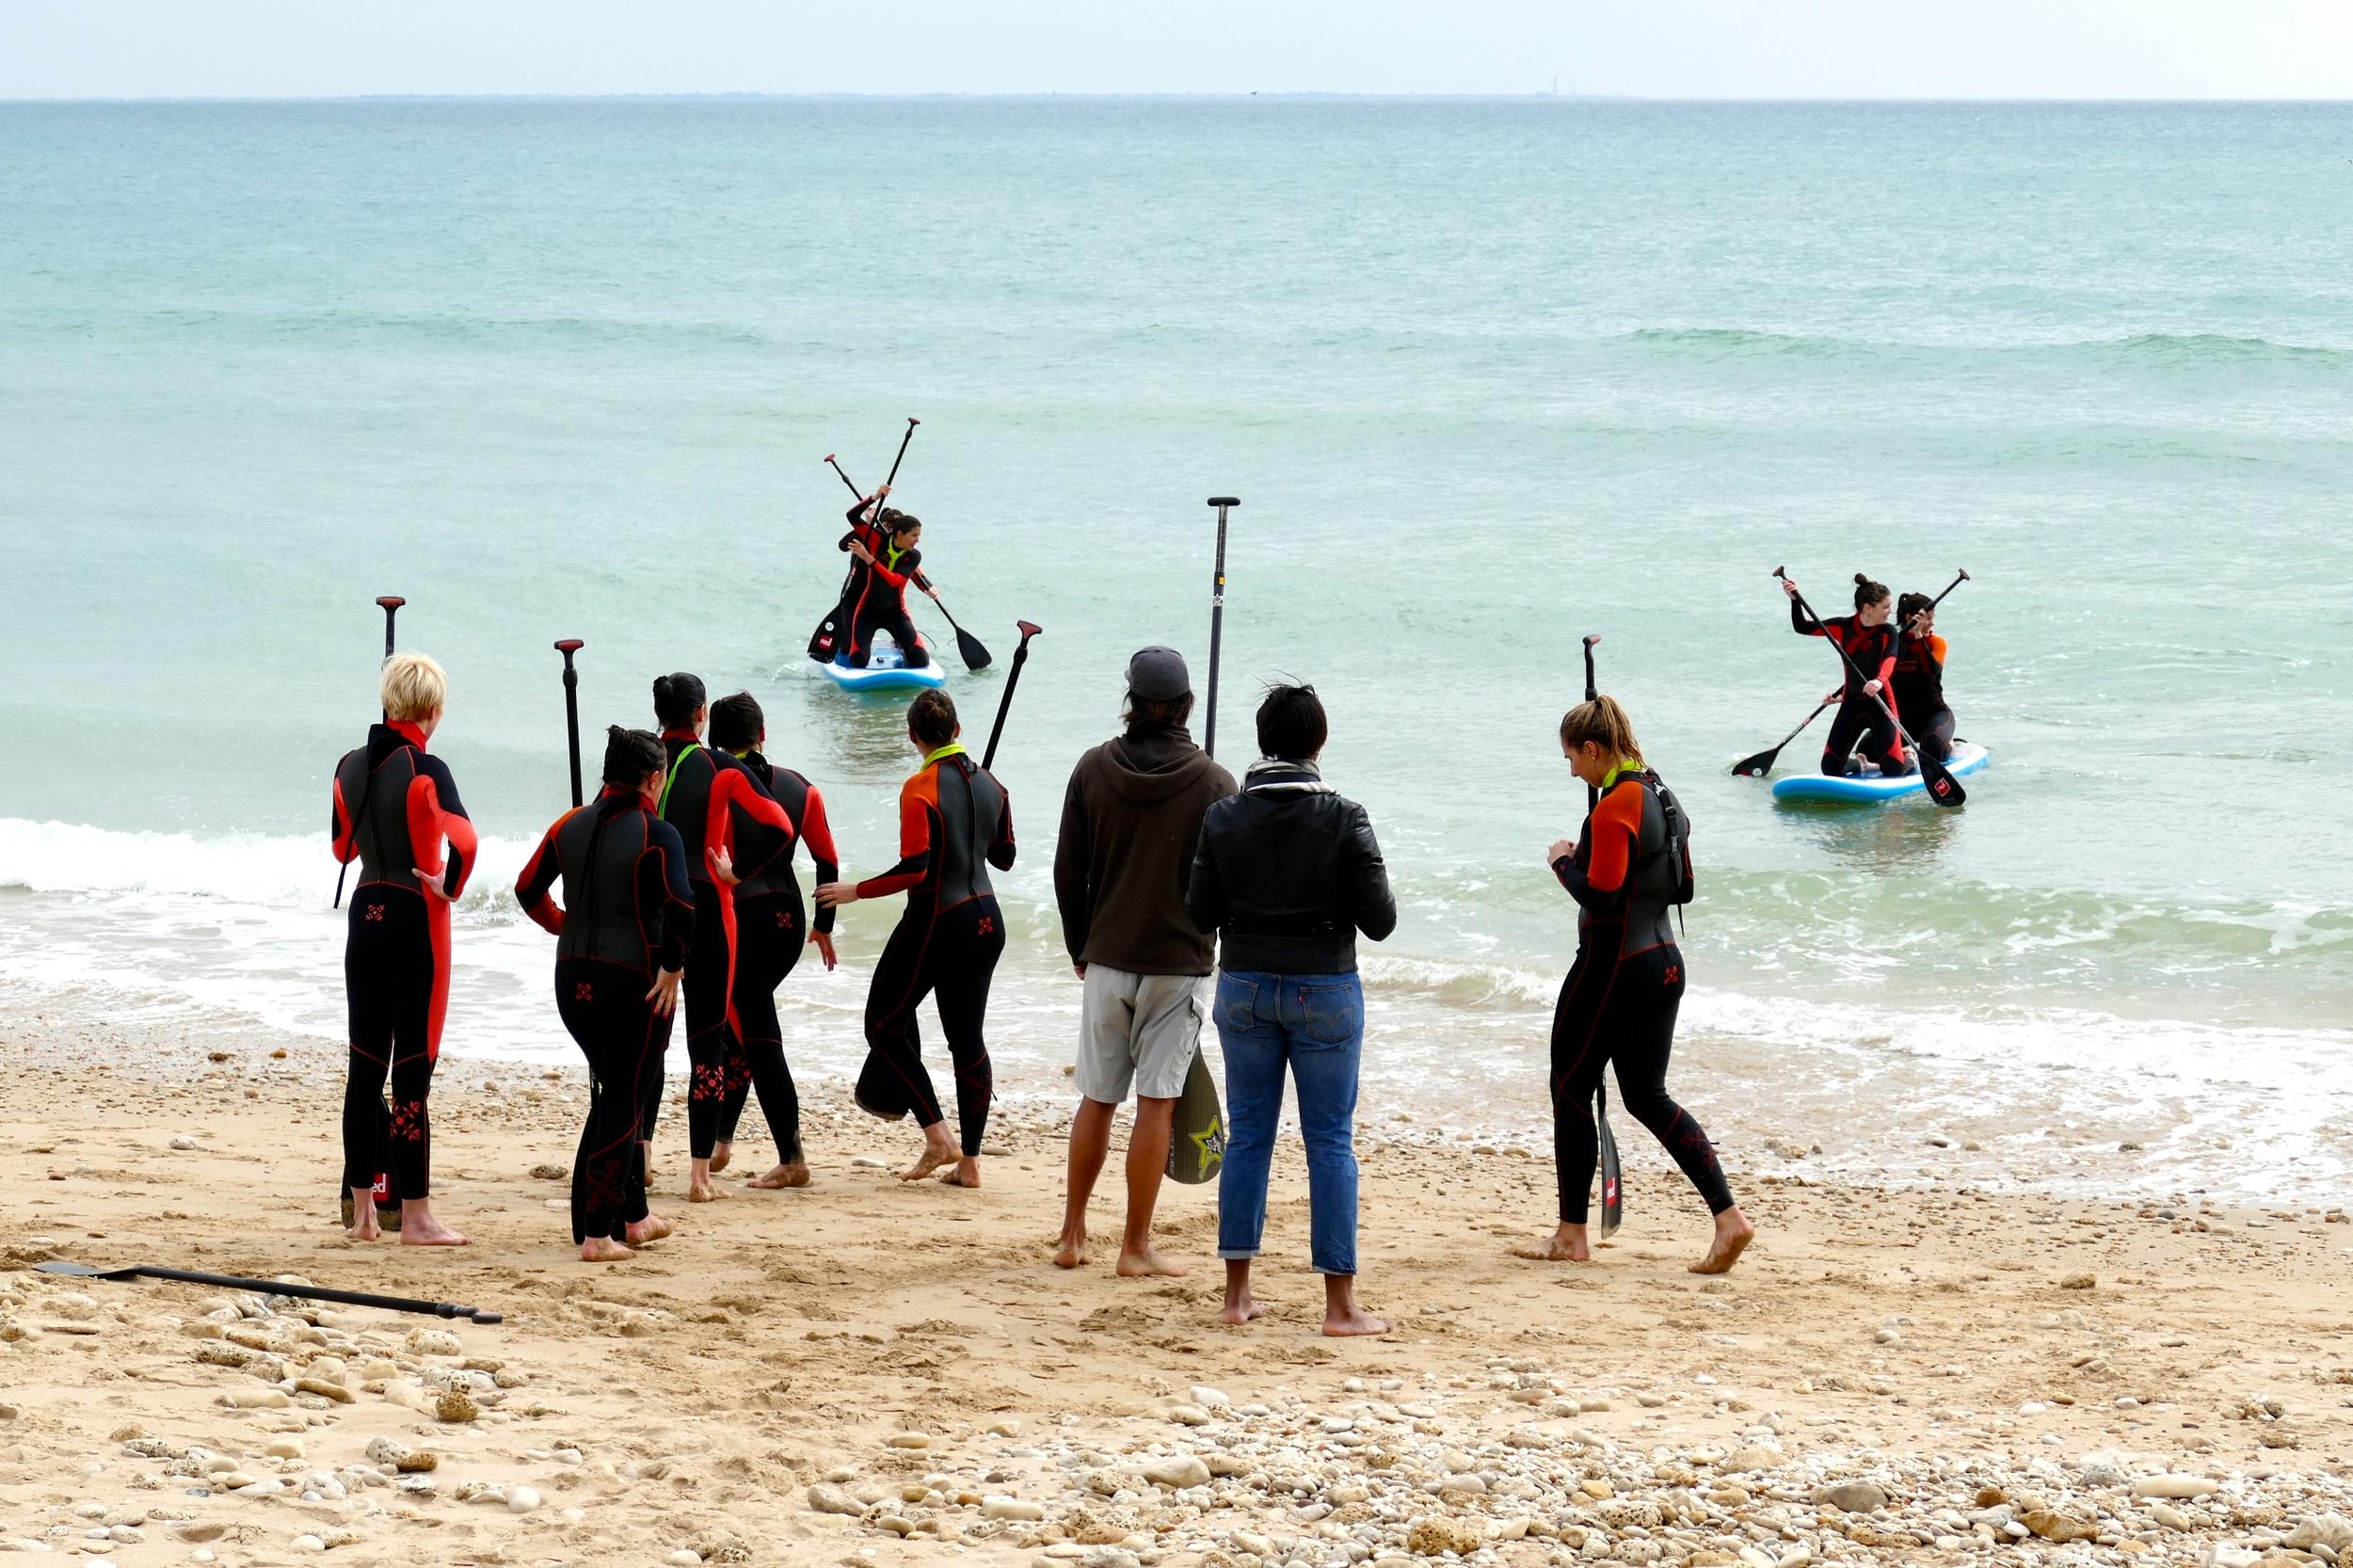 EVJF la Rochelle Ile de Ré Stand Up Paddle